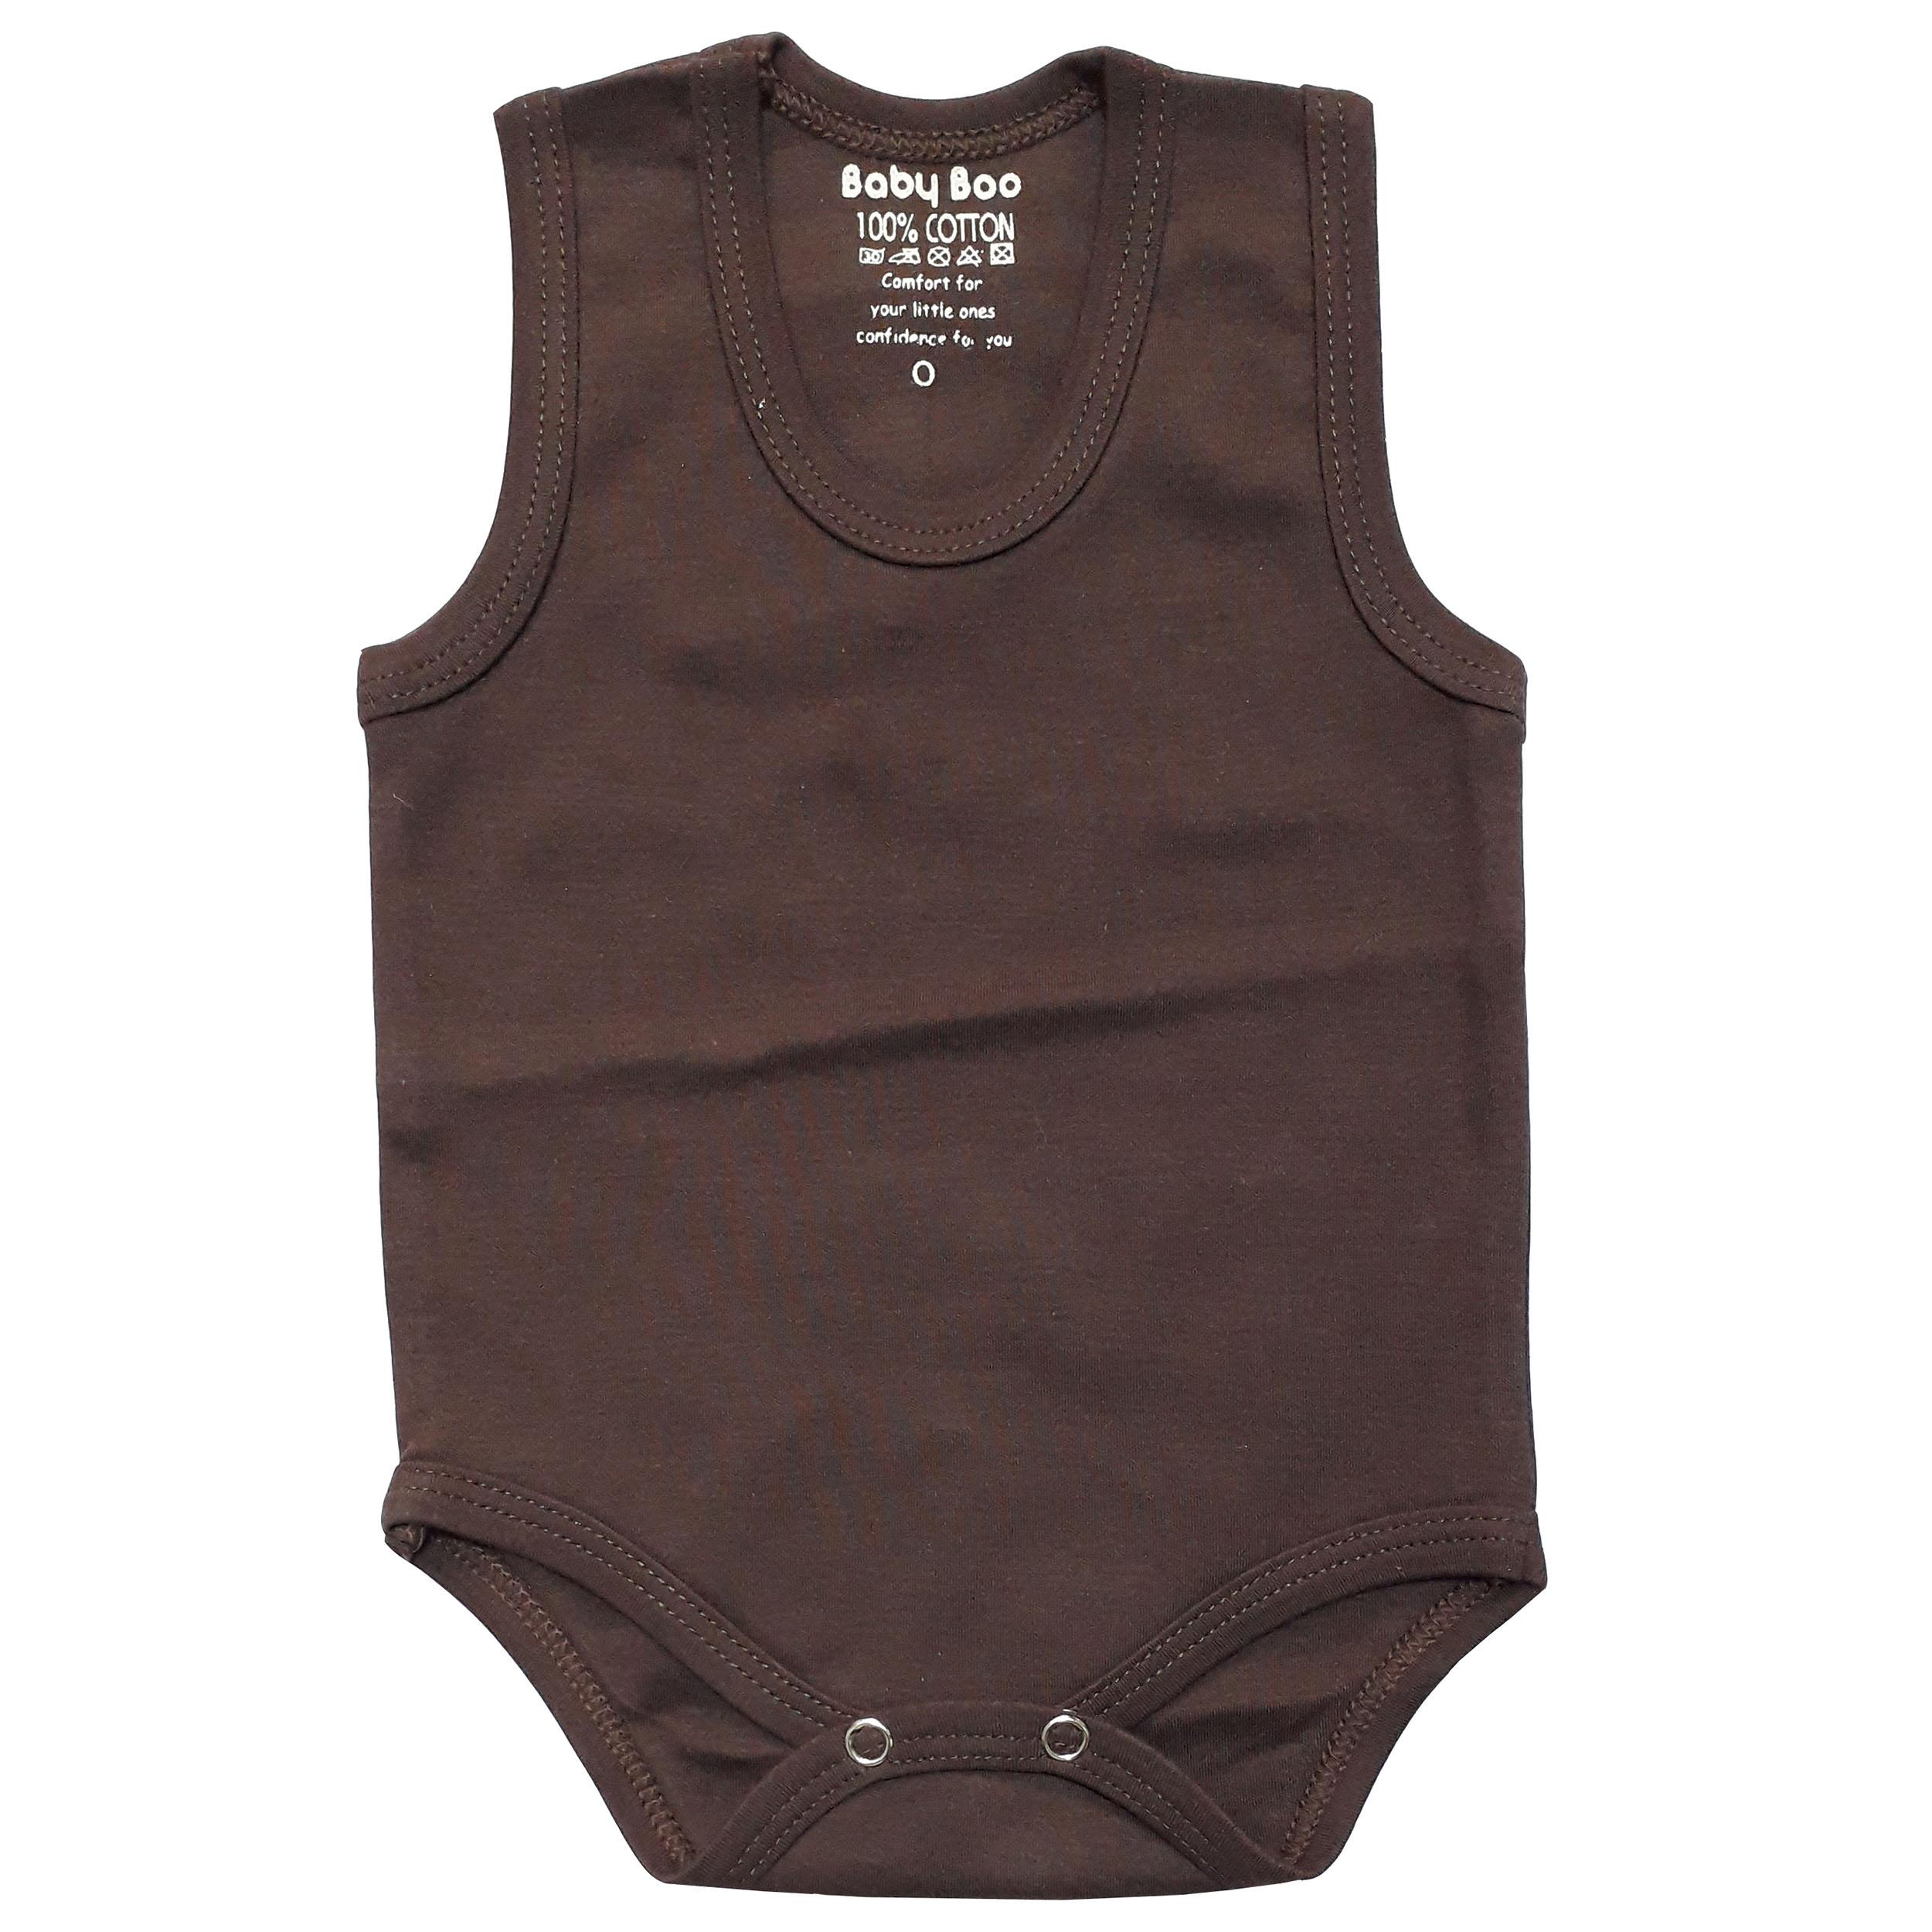 بادی نوزاد بیبی بو کد 70118